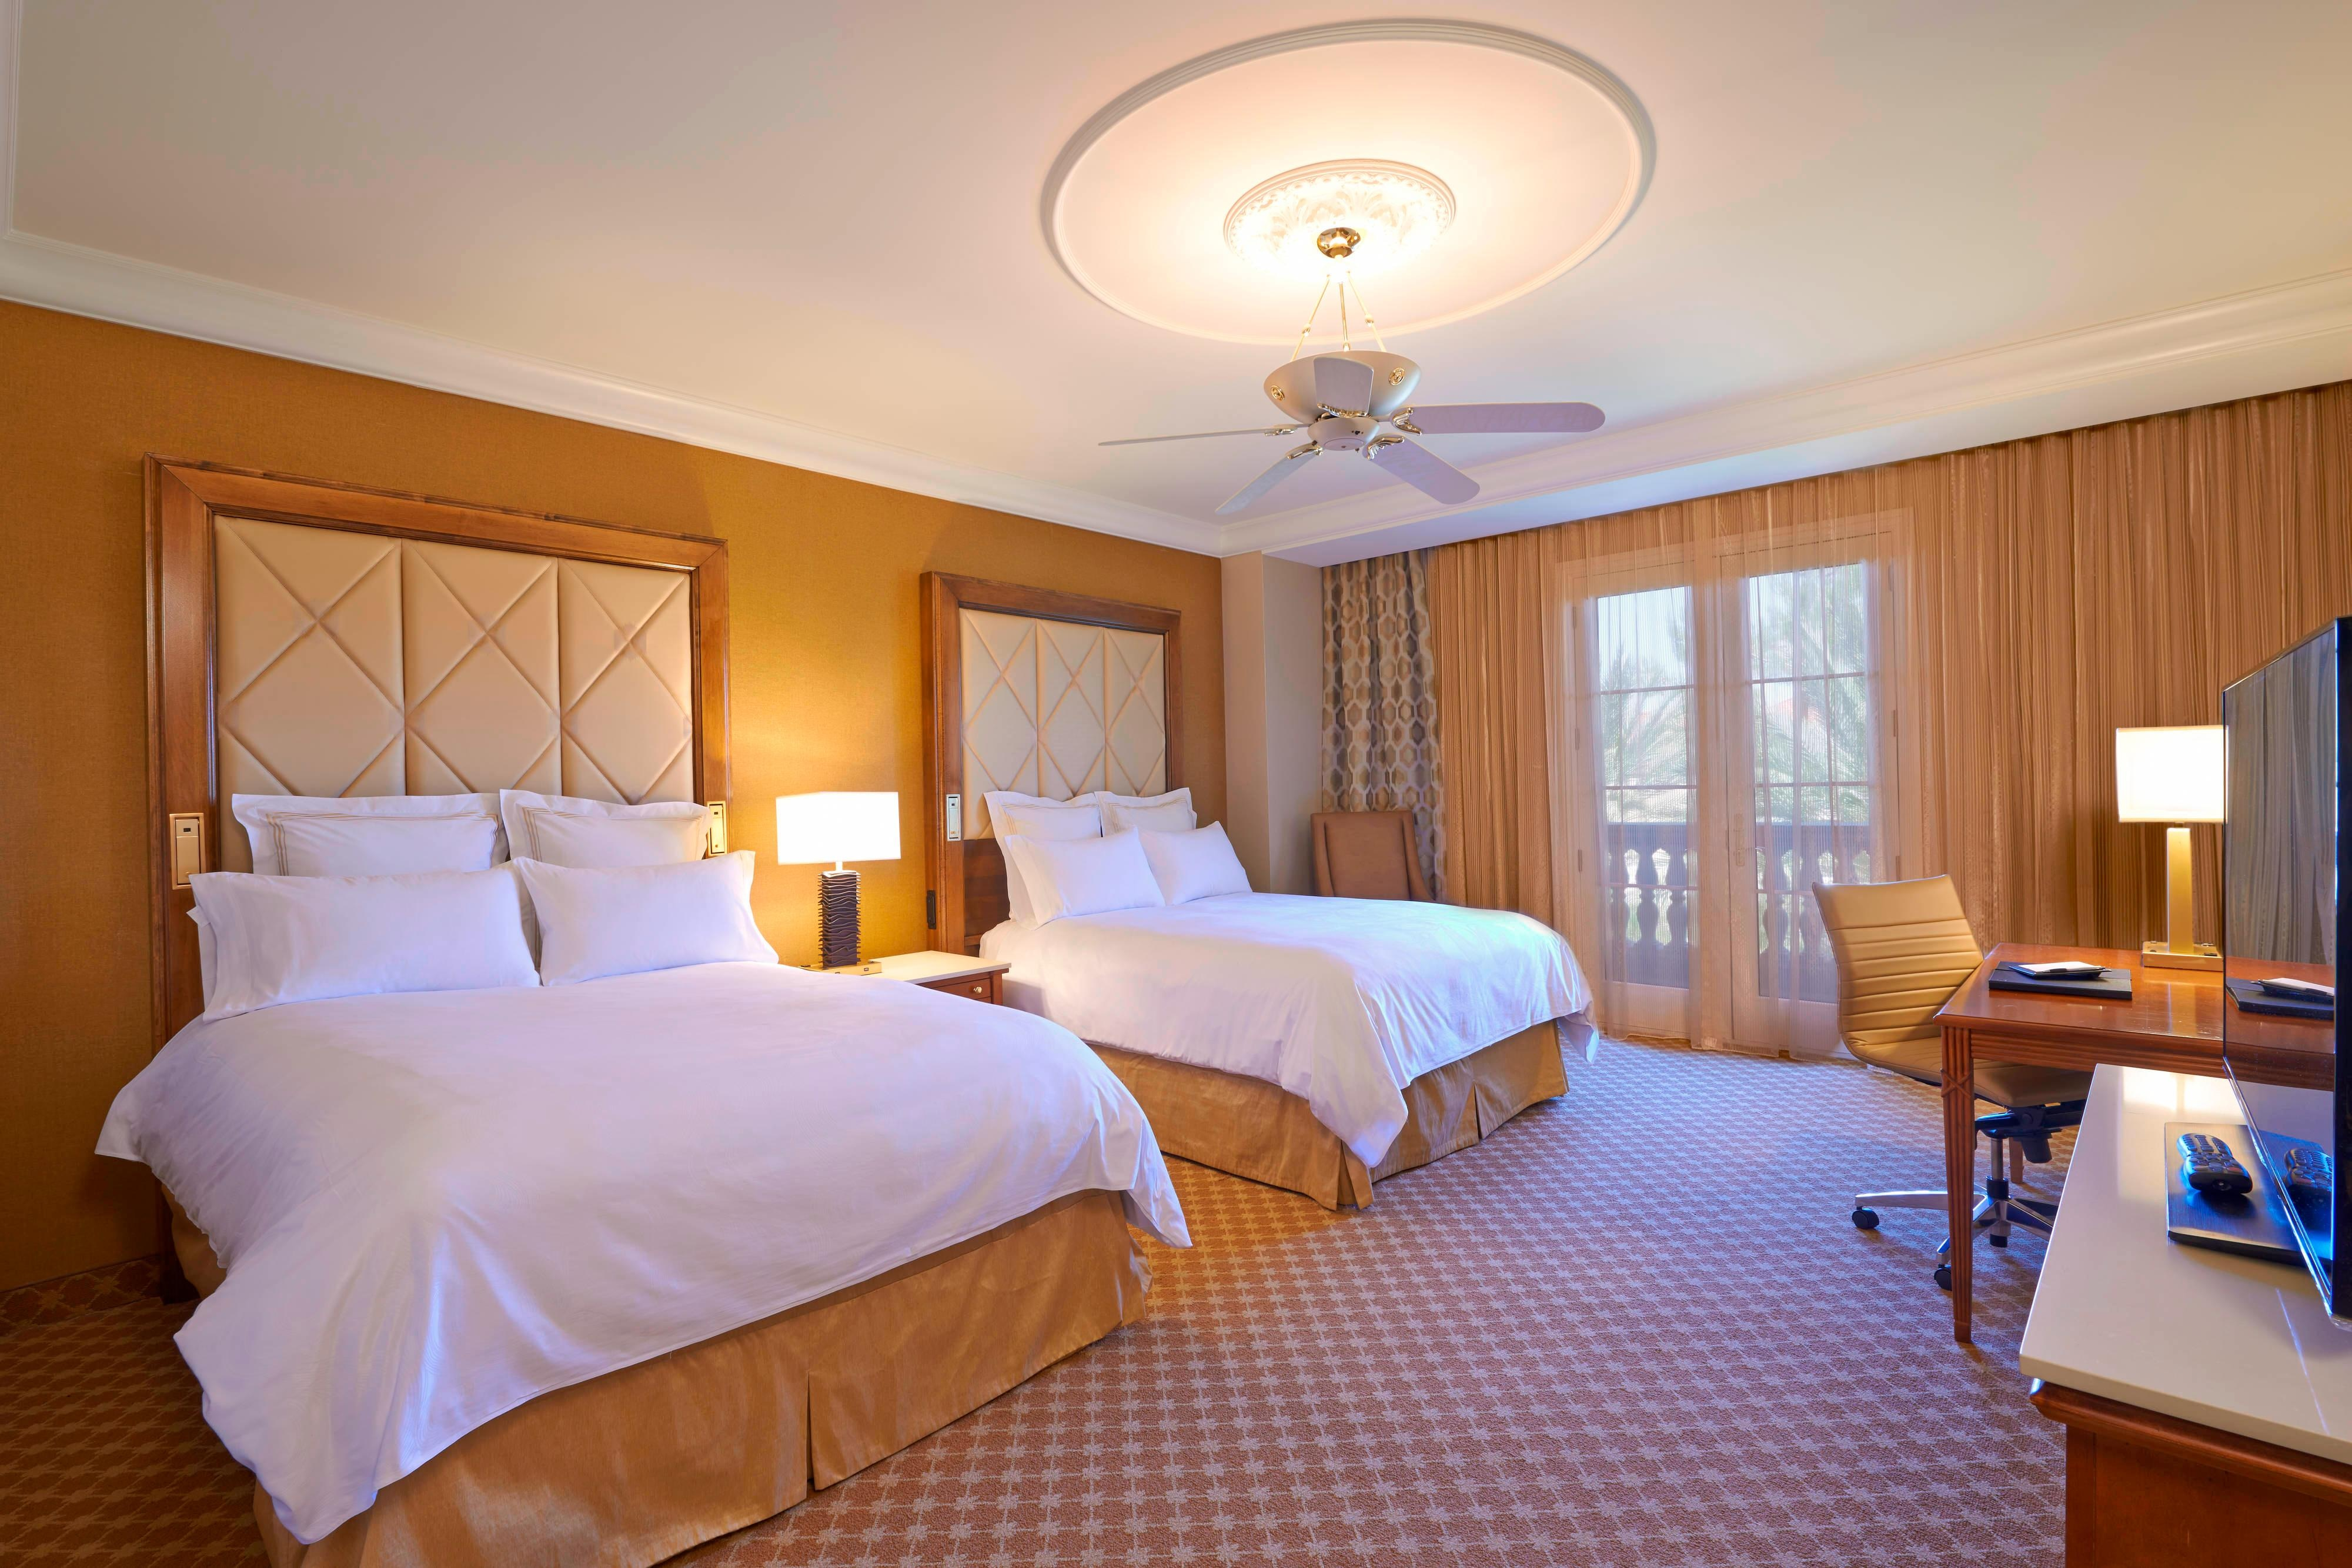 Luxury Hotel Rooms Las Vegas Nevada Jw Marriott